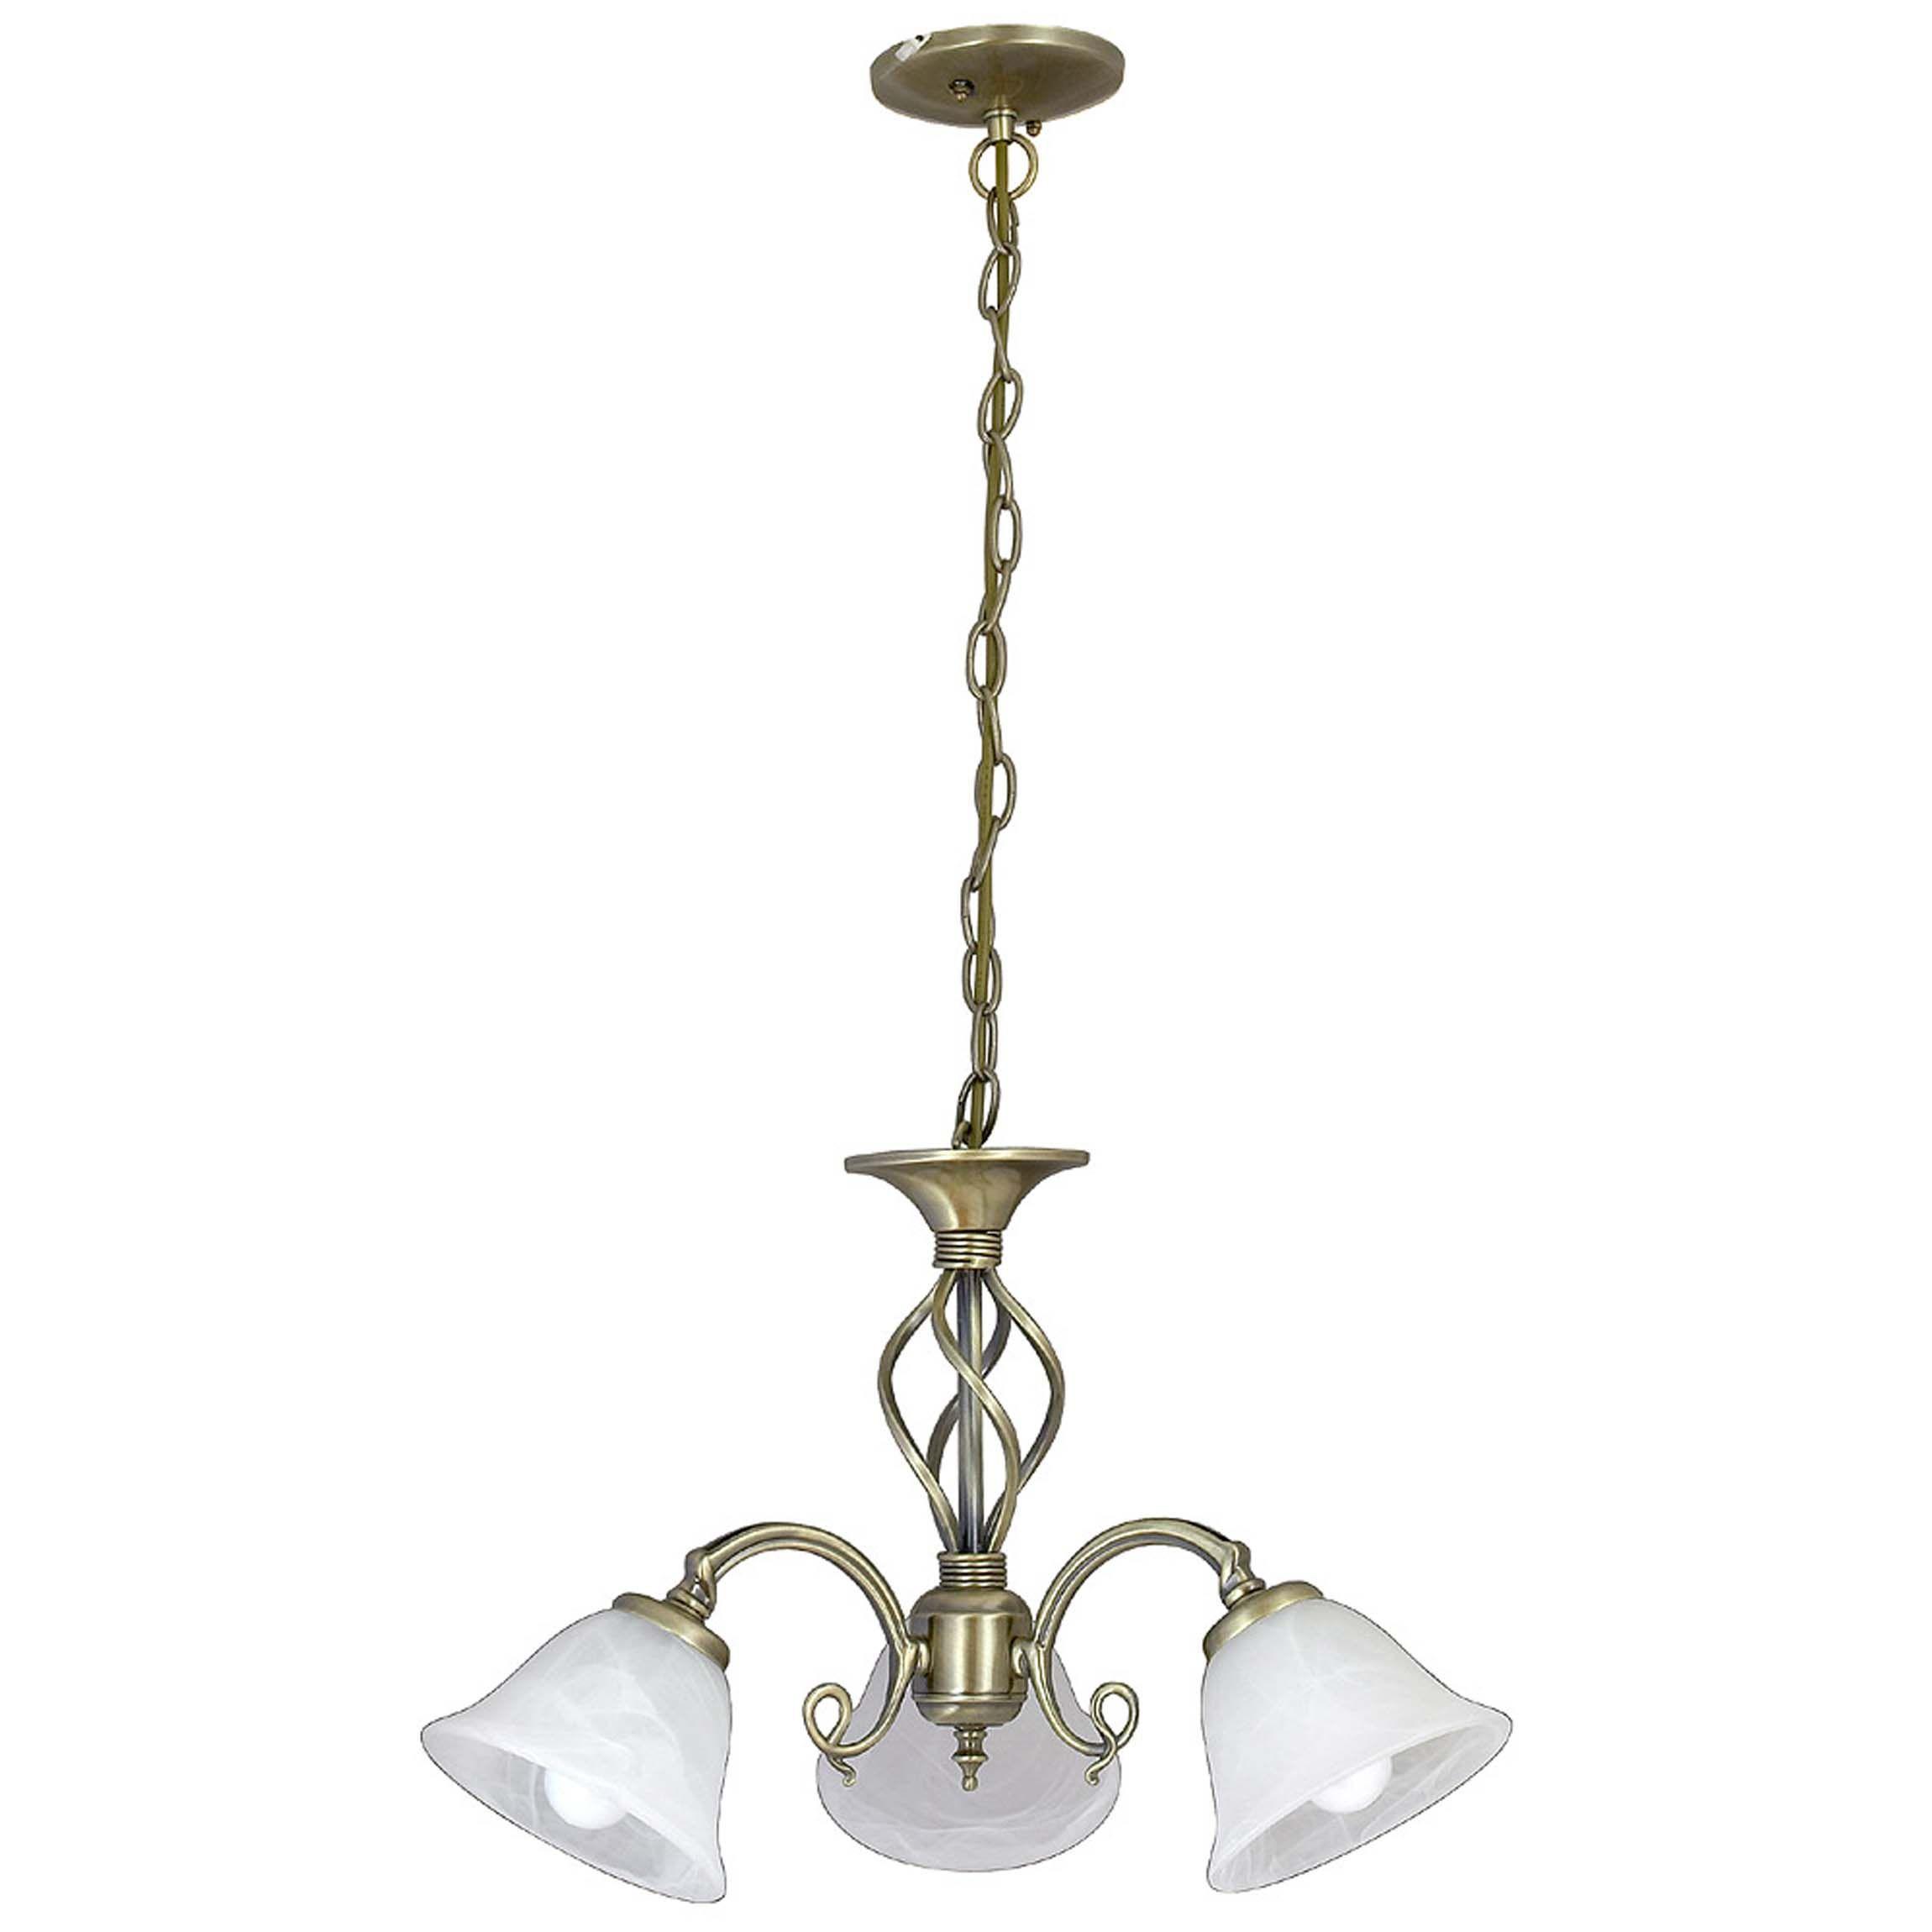 Höhenverstellbare Jugendstil Deckenleuchte mit Glasschirm in Weiß